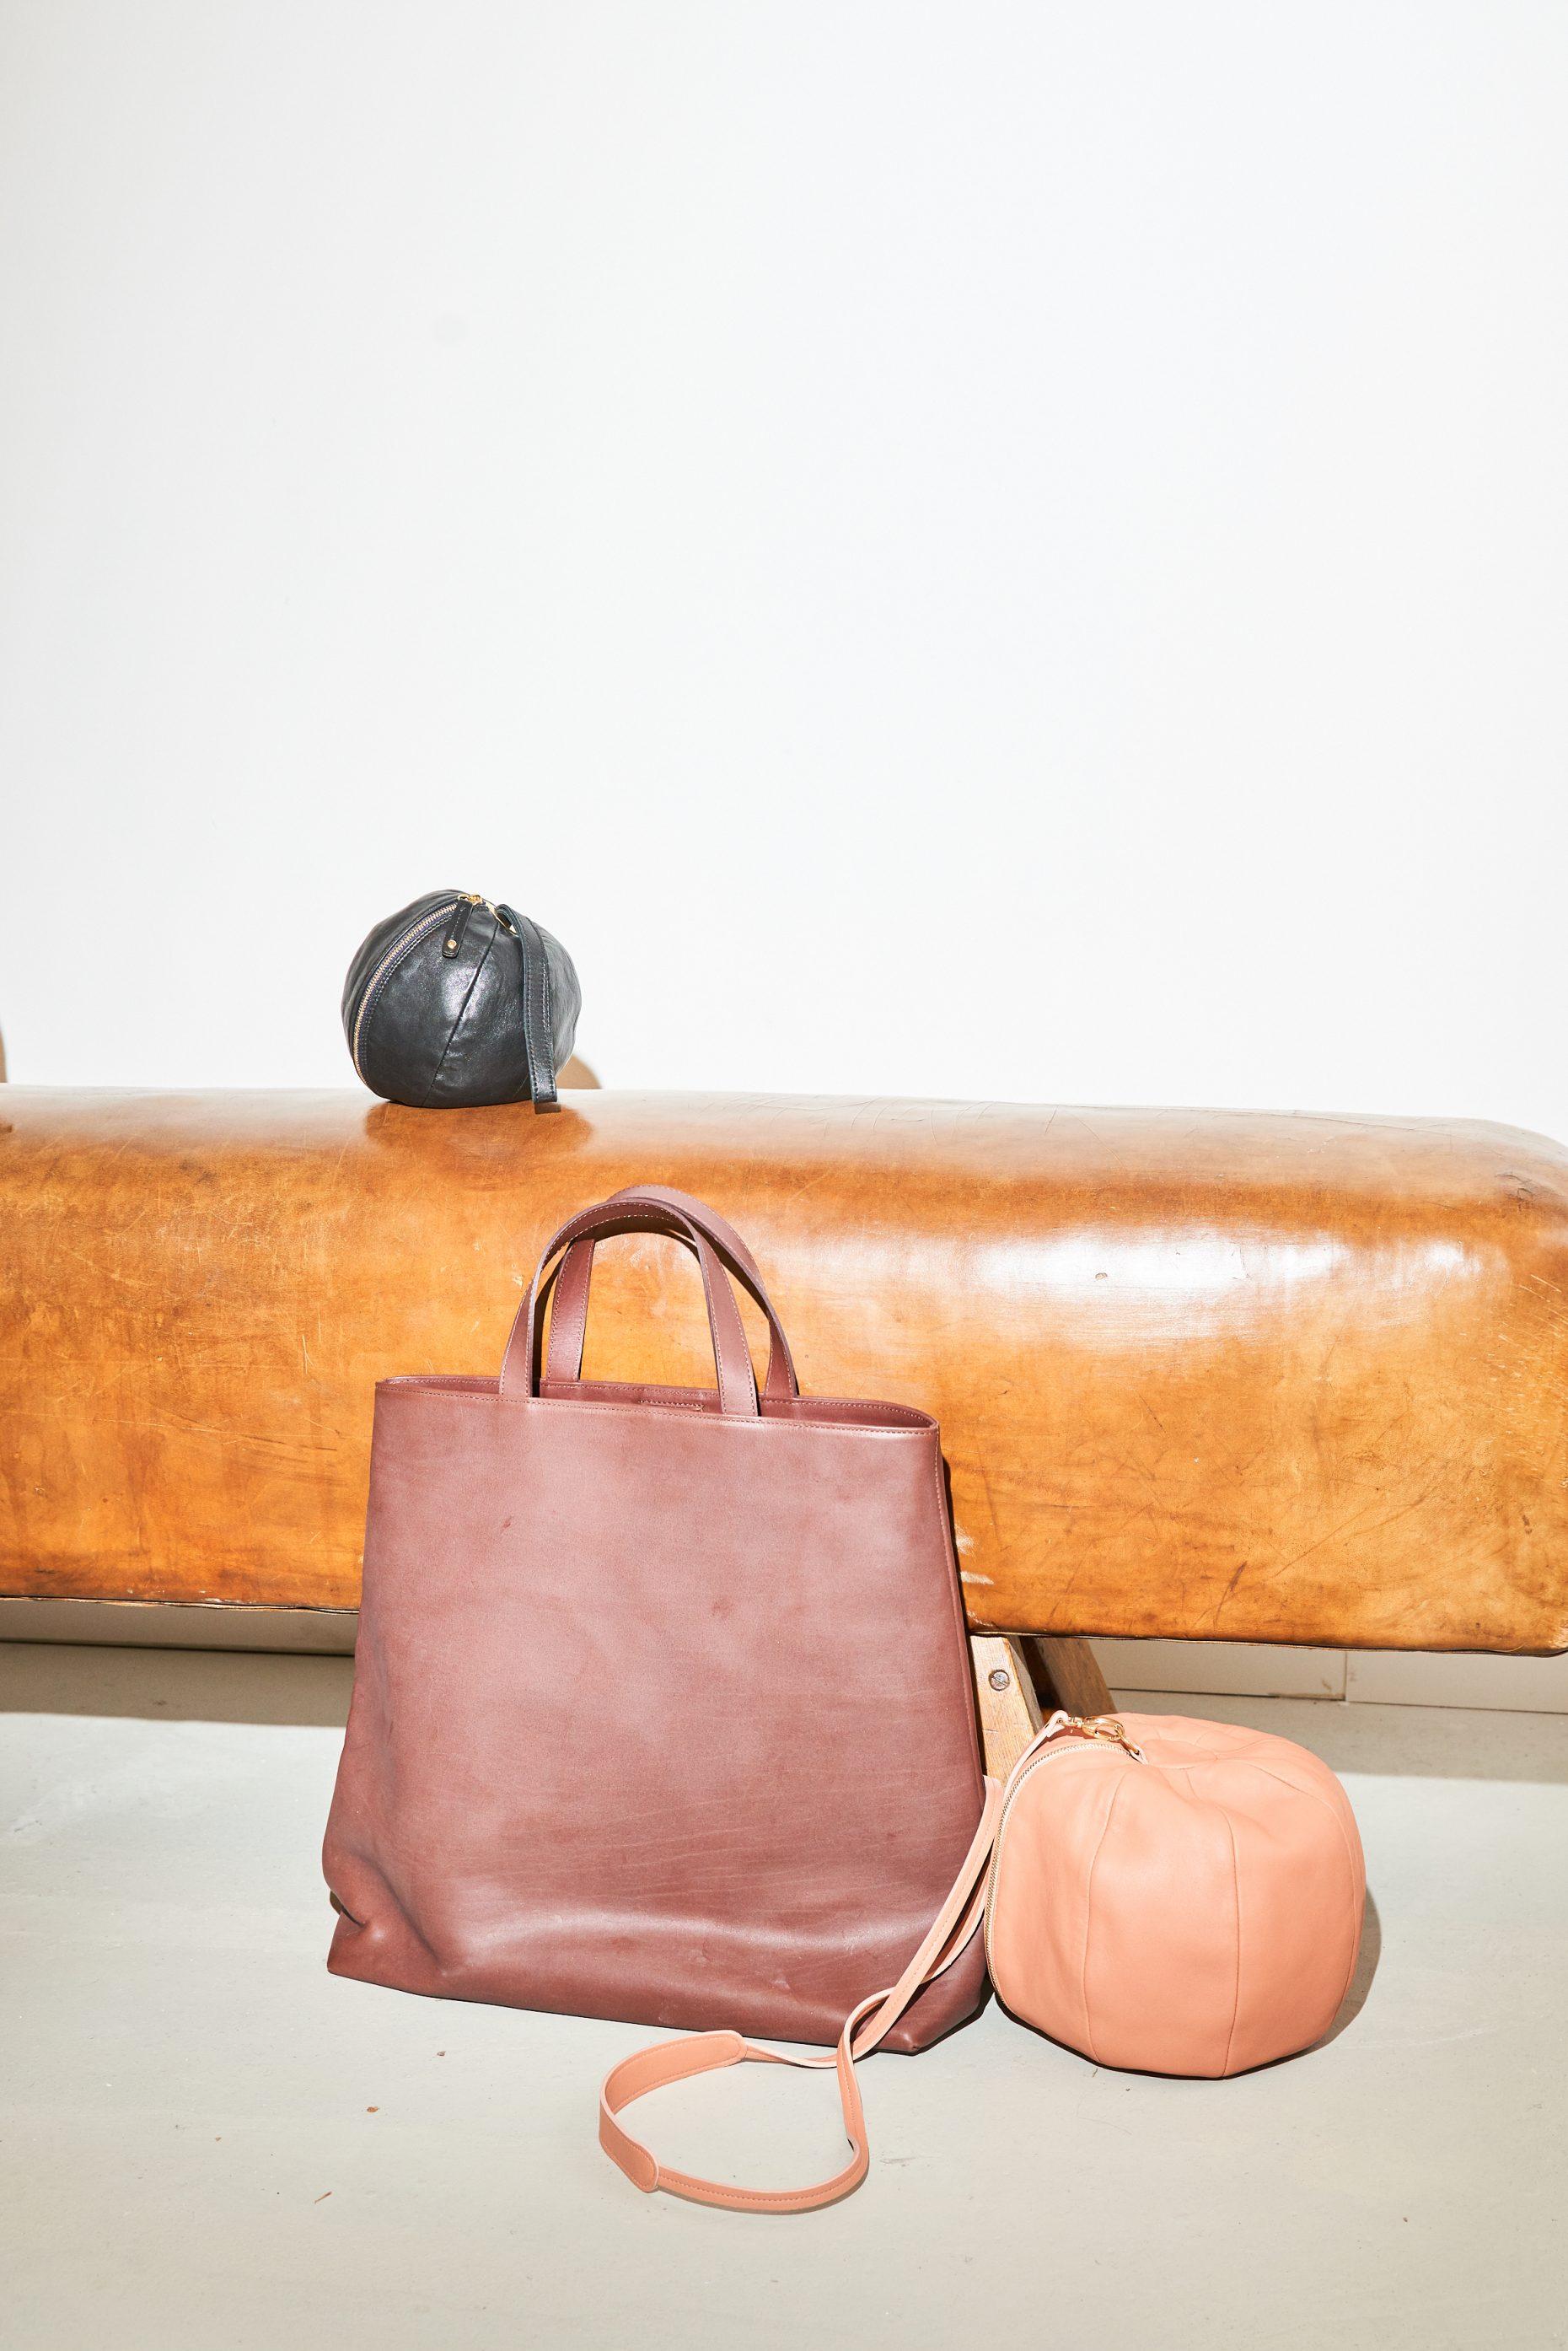 Taschen von Bea Bühler